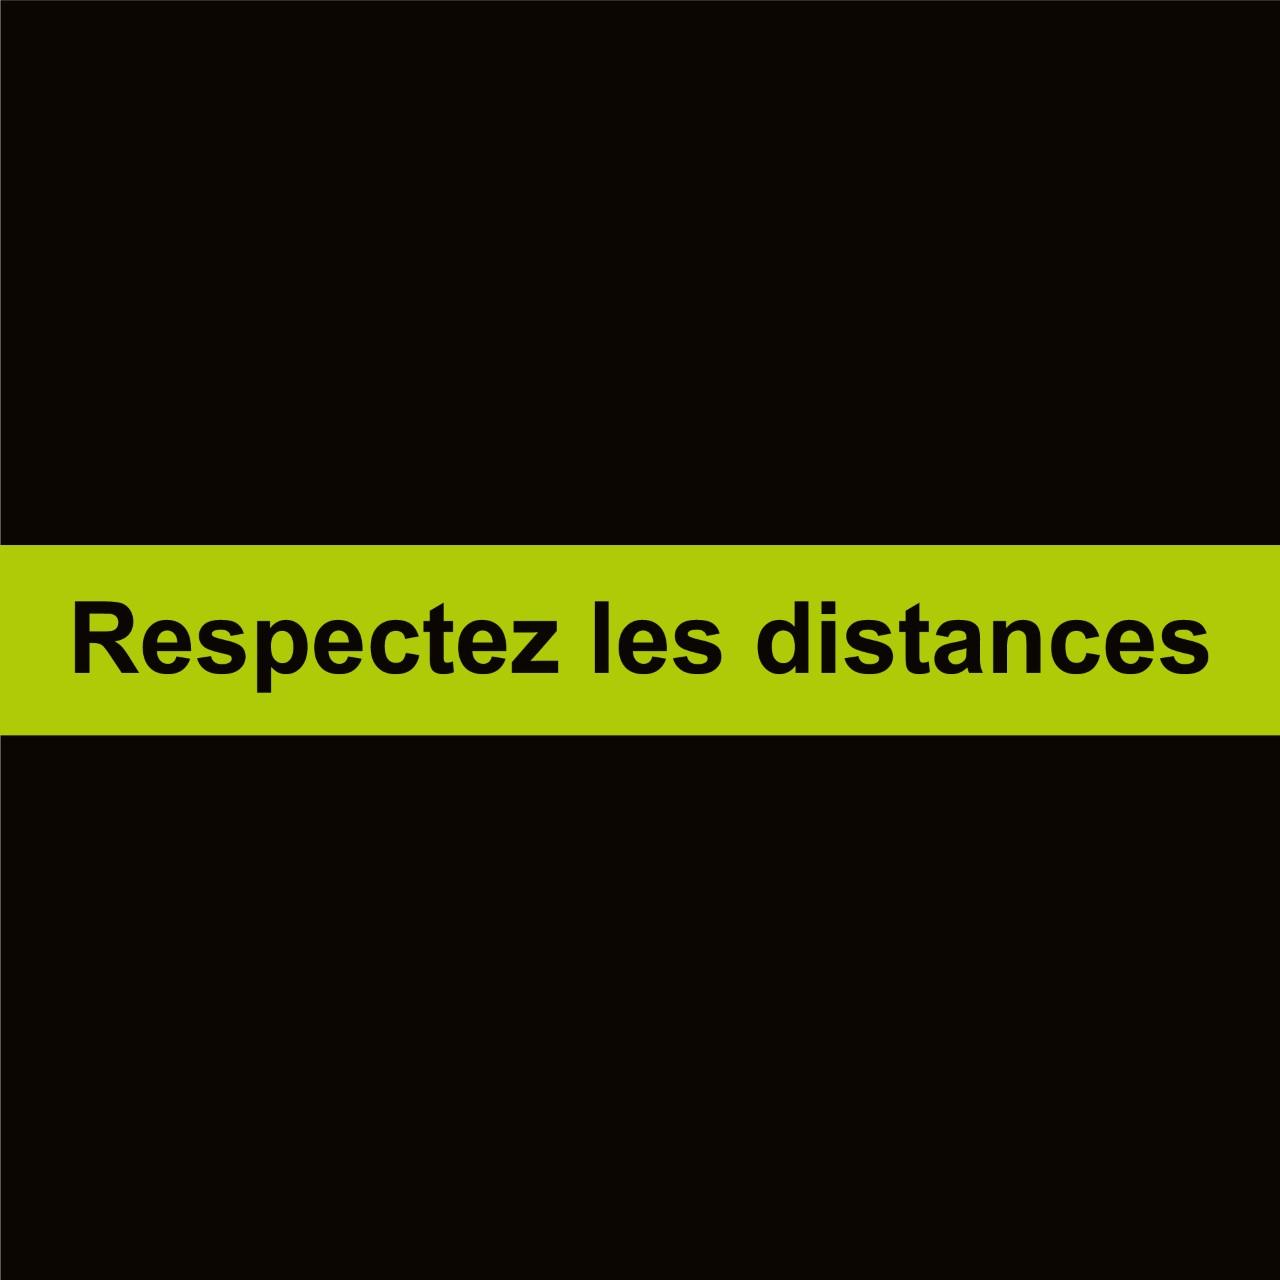 20 Bandes séparatives sol Respectez les distances